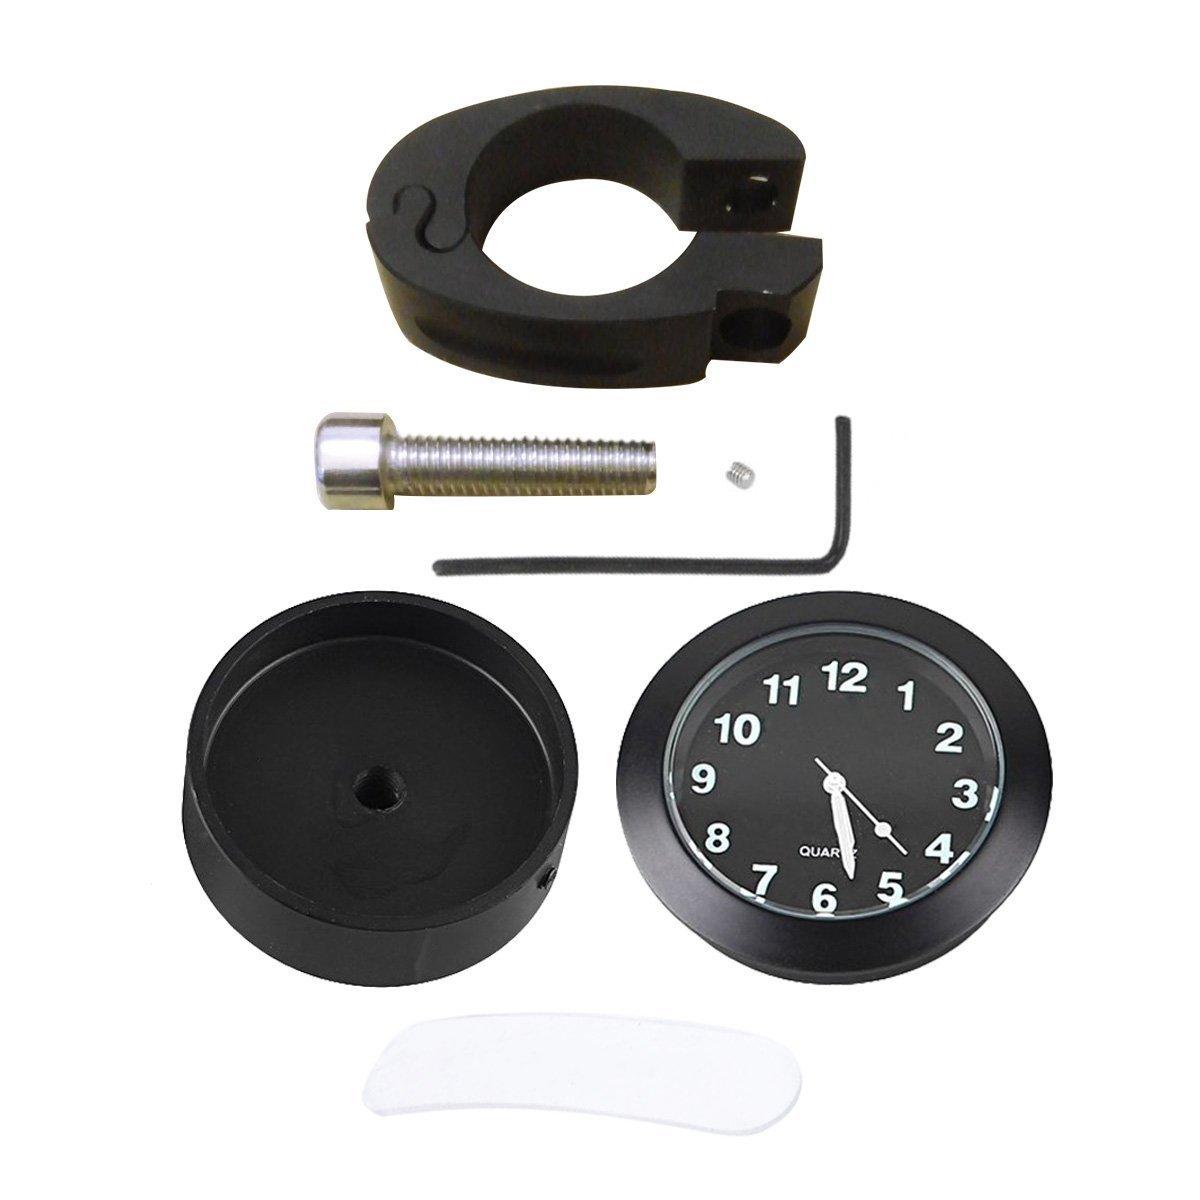 Universale 7//8 1 Manopole Cromoato Orologio Meridiana Alluminio Con Morsetto per Waterproof Motorcycle Handlebar Clock Yooap Orologio moto